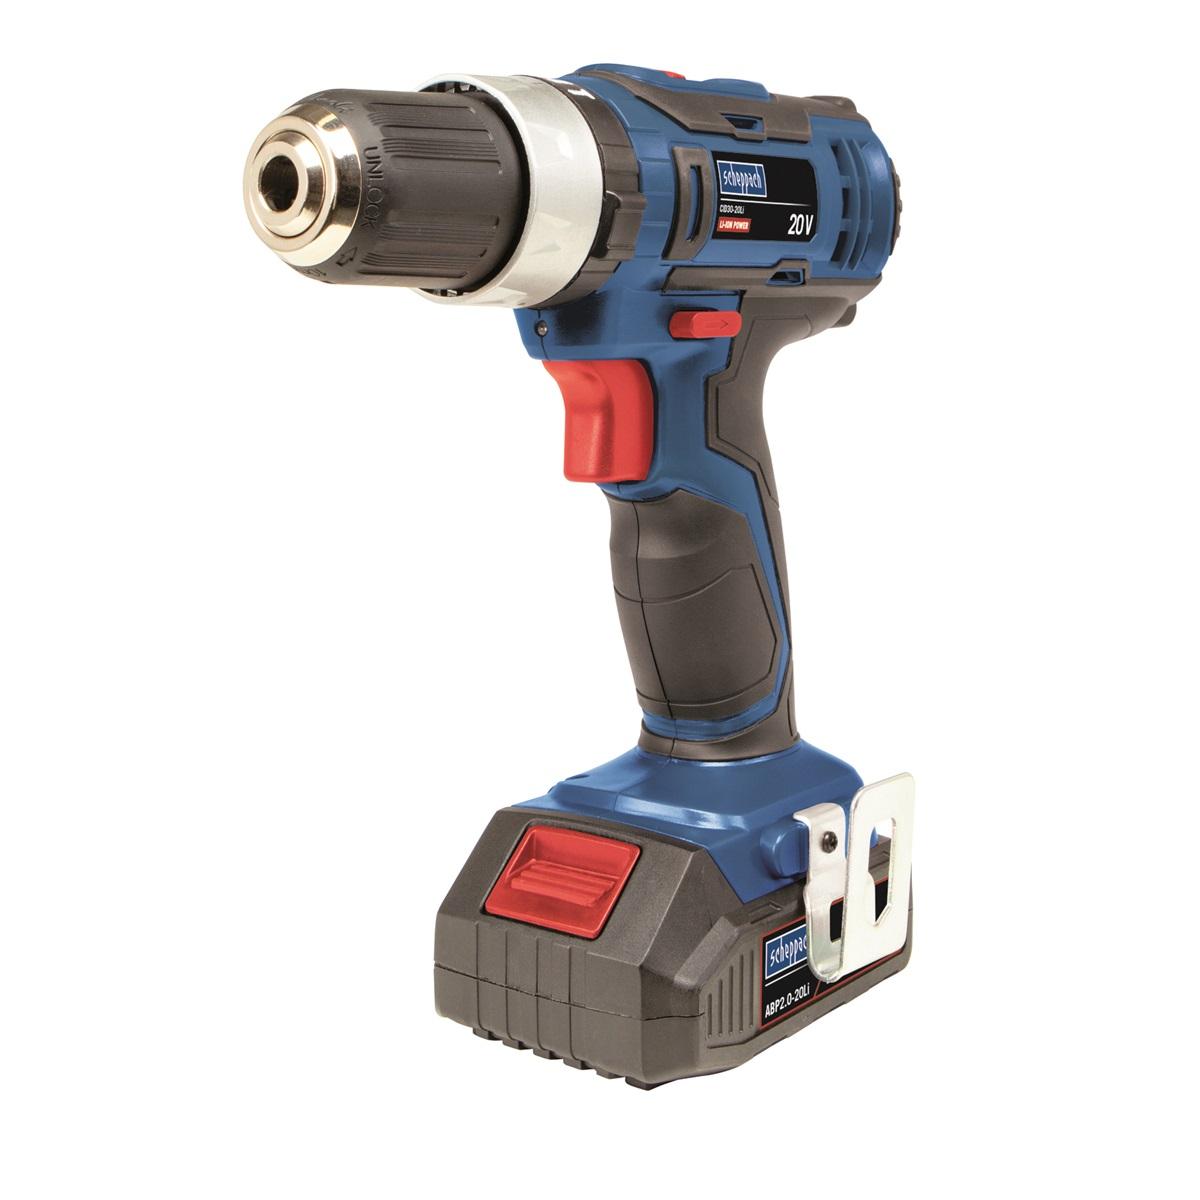 Scheppach CID30-20Li, aku 20V dvourychlostní vrtací šroubovák s příklepem + 2x baterie 1,5 Ah + nabíječka + kufr